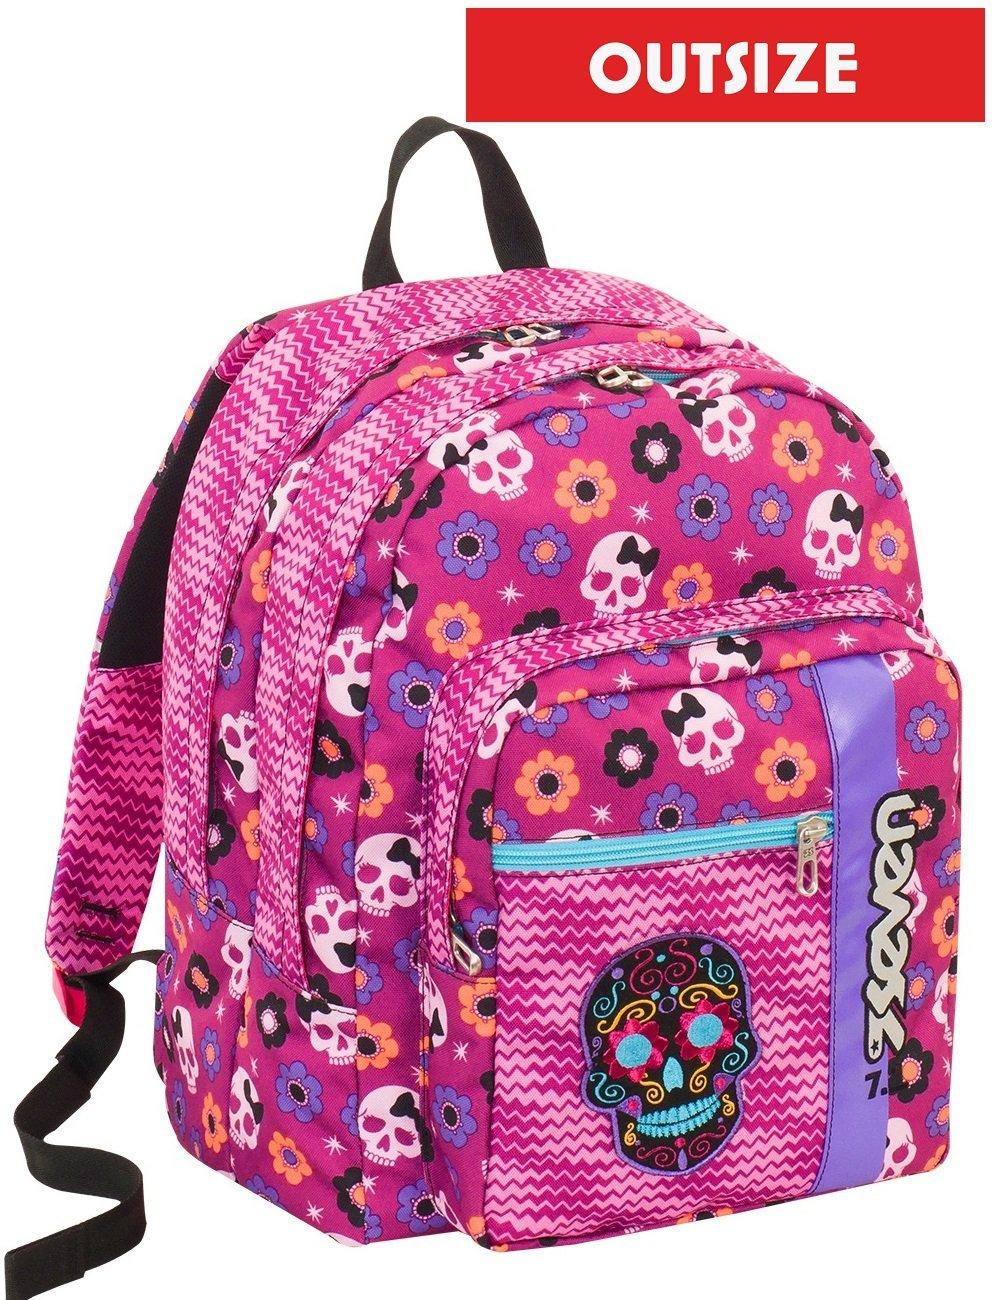 スクールバックパック アウトサイズ セブン メキシコガール ピンク 33 LT リュックサック 学生用バッグ   B07BN31QGC